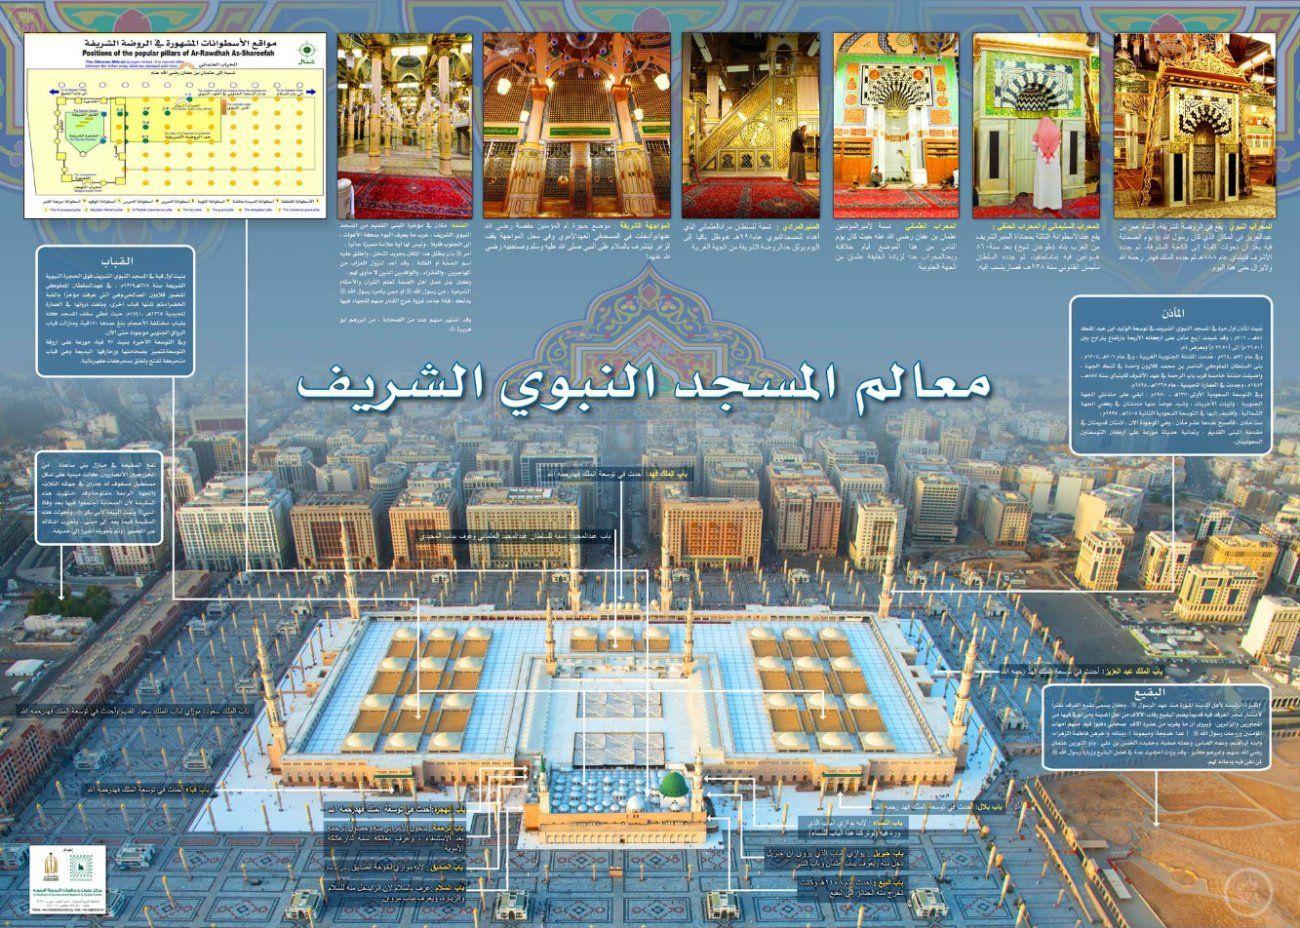 مركز بحوث ودراسات المدينة المنورة يصمم خريطة معالم المسجد النبوي الشريف منتديات طيبة نت Masjid Mosque Madina